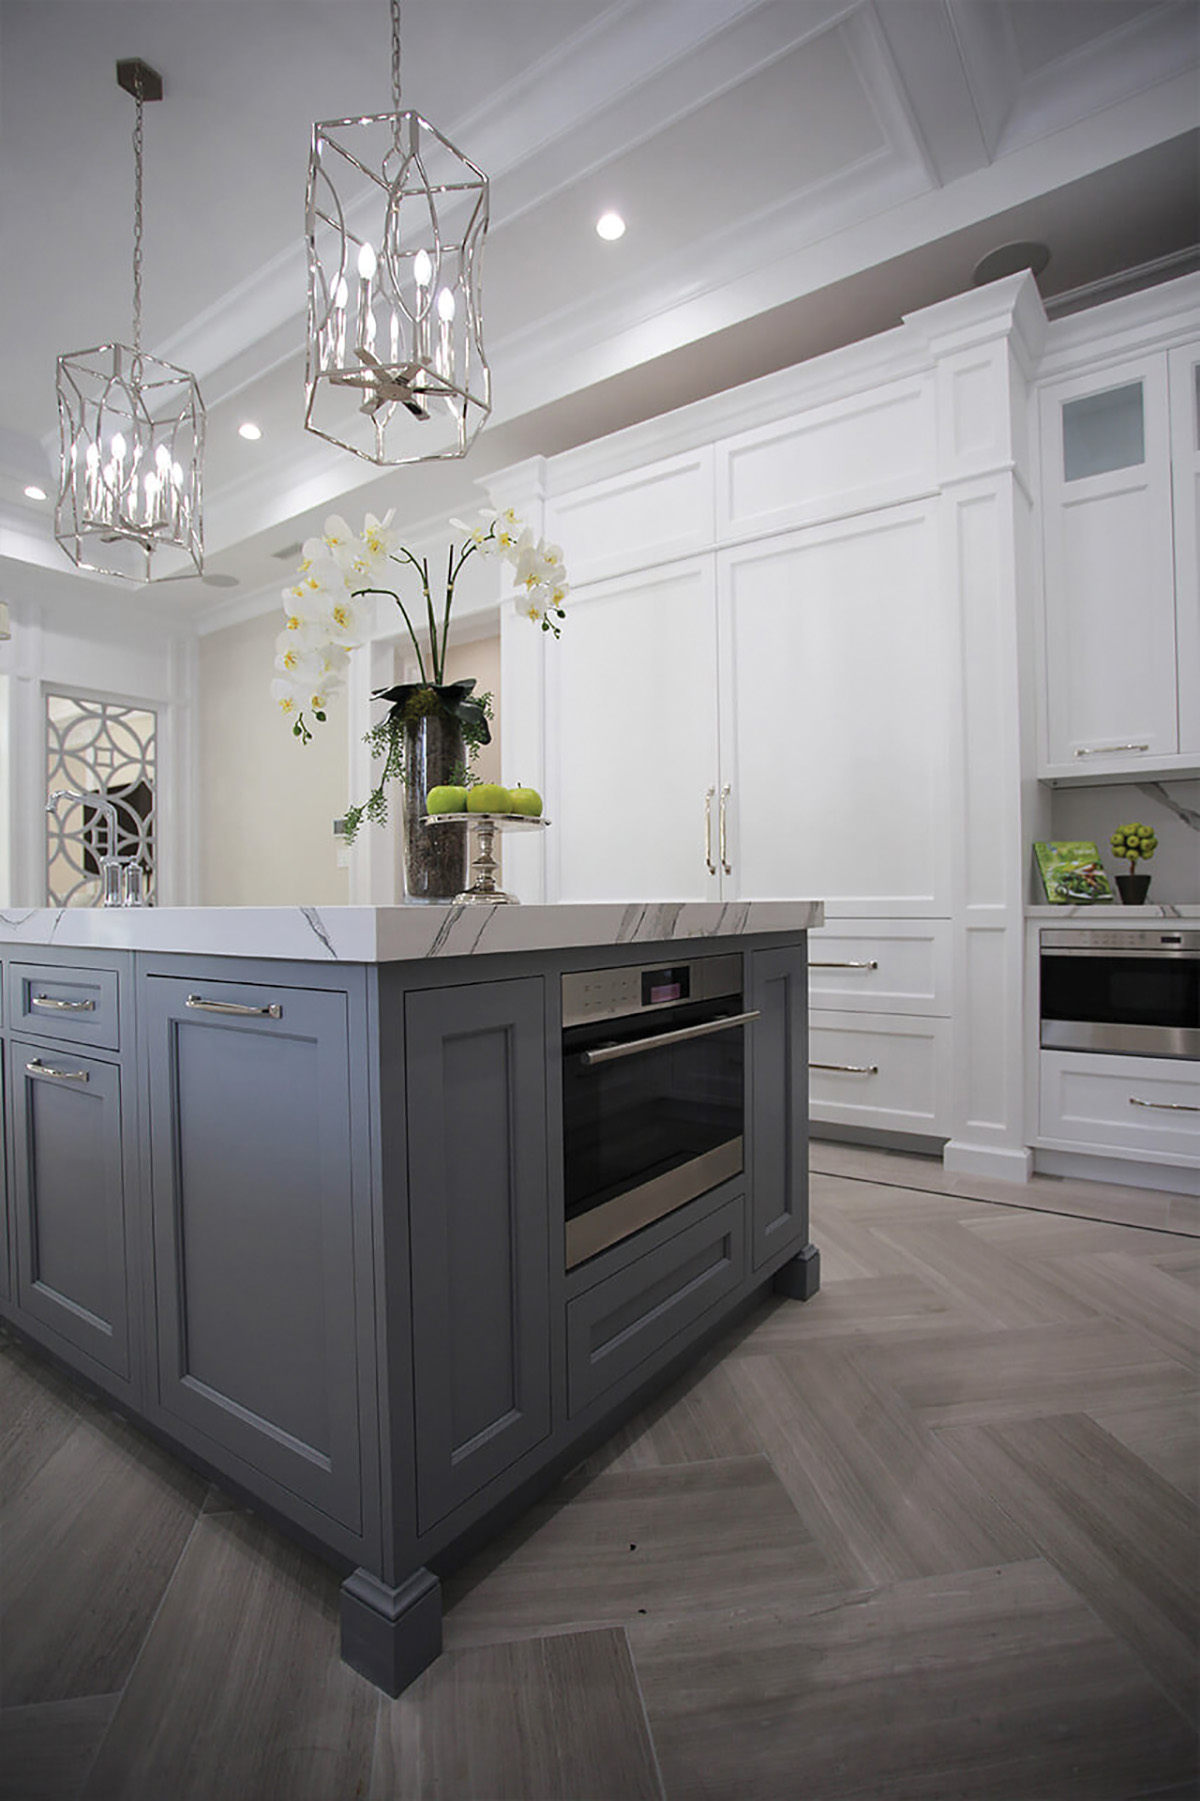 OakLn-Kitchen-Island-closeup-Vertical